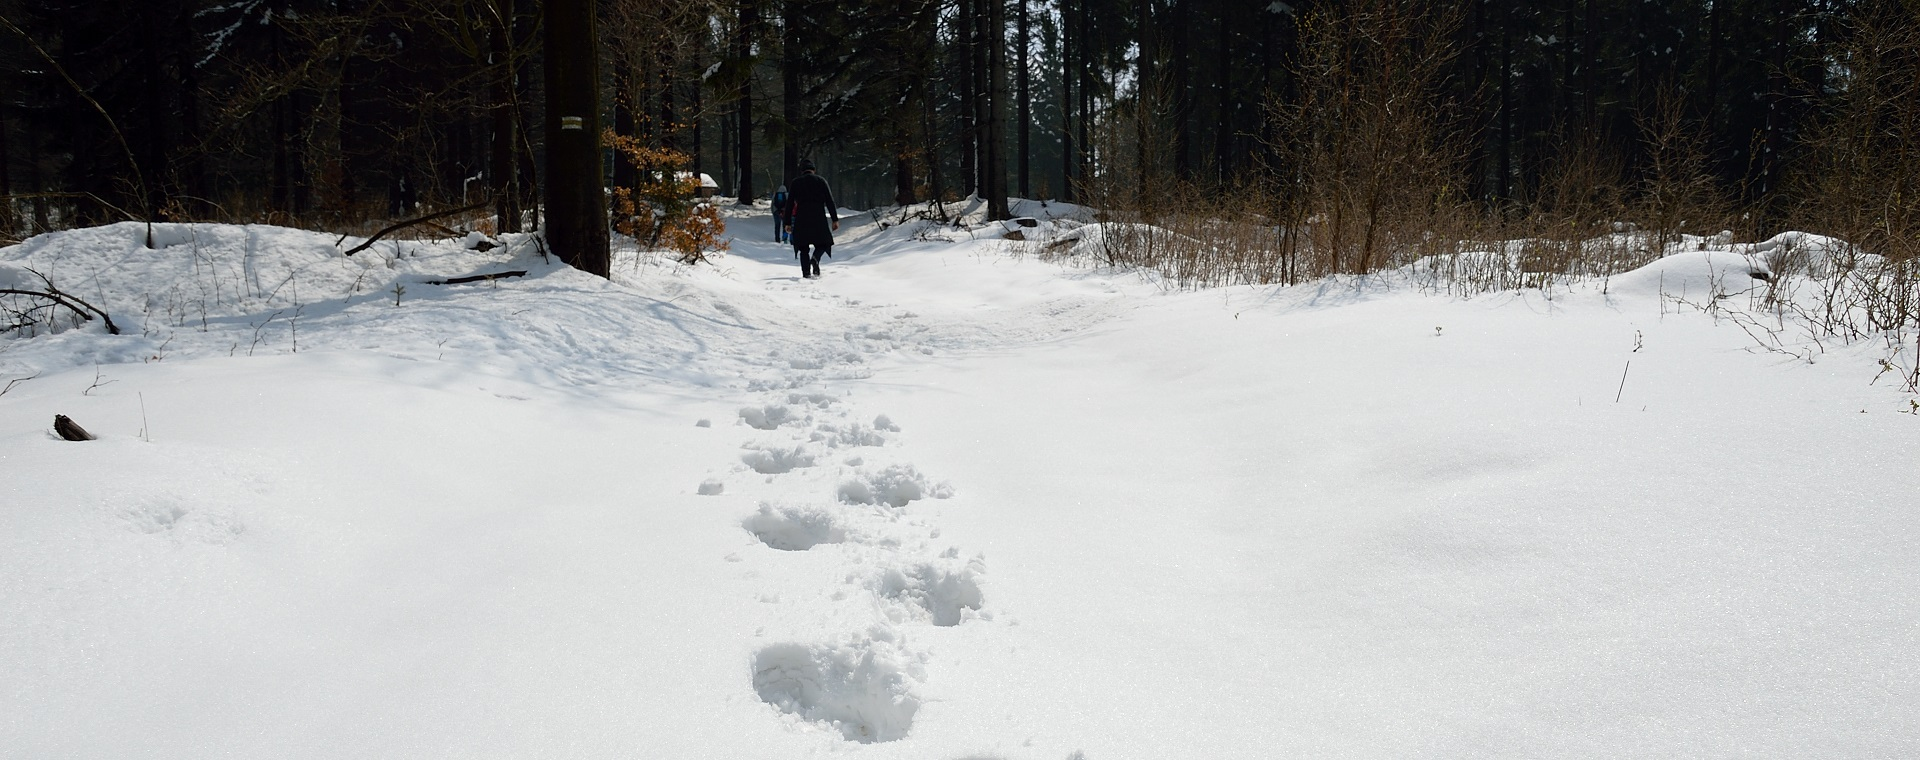 Wielka Sowa końcem kwietnia w głębokim śniegu. Korona Gór Polski.